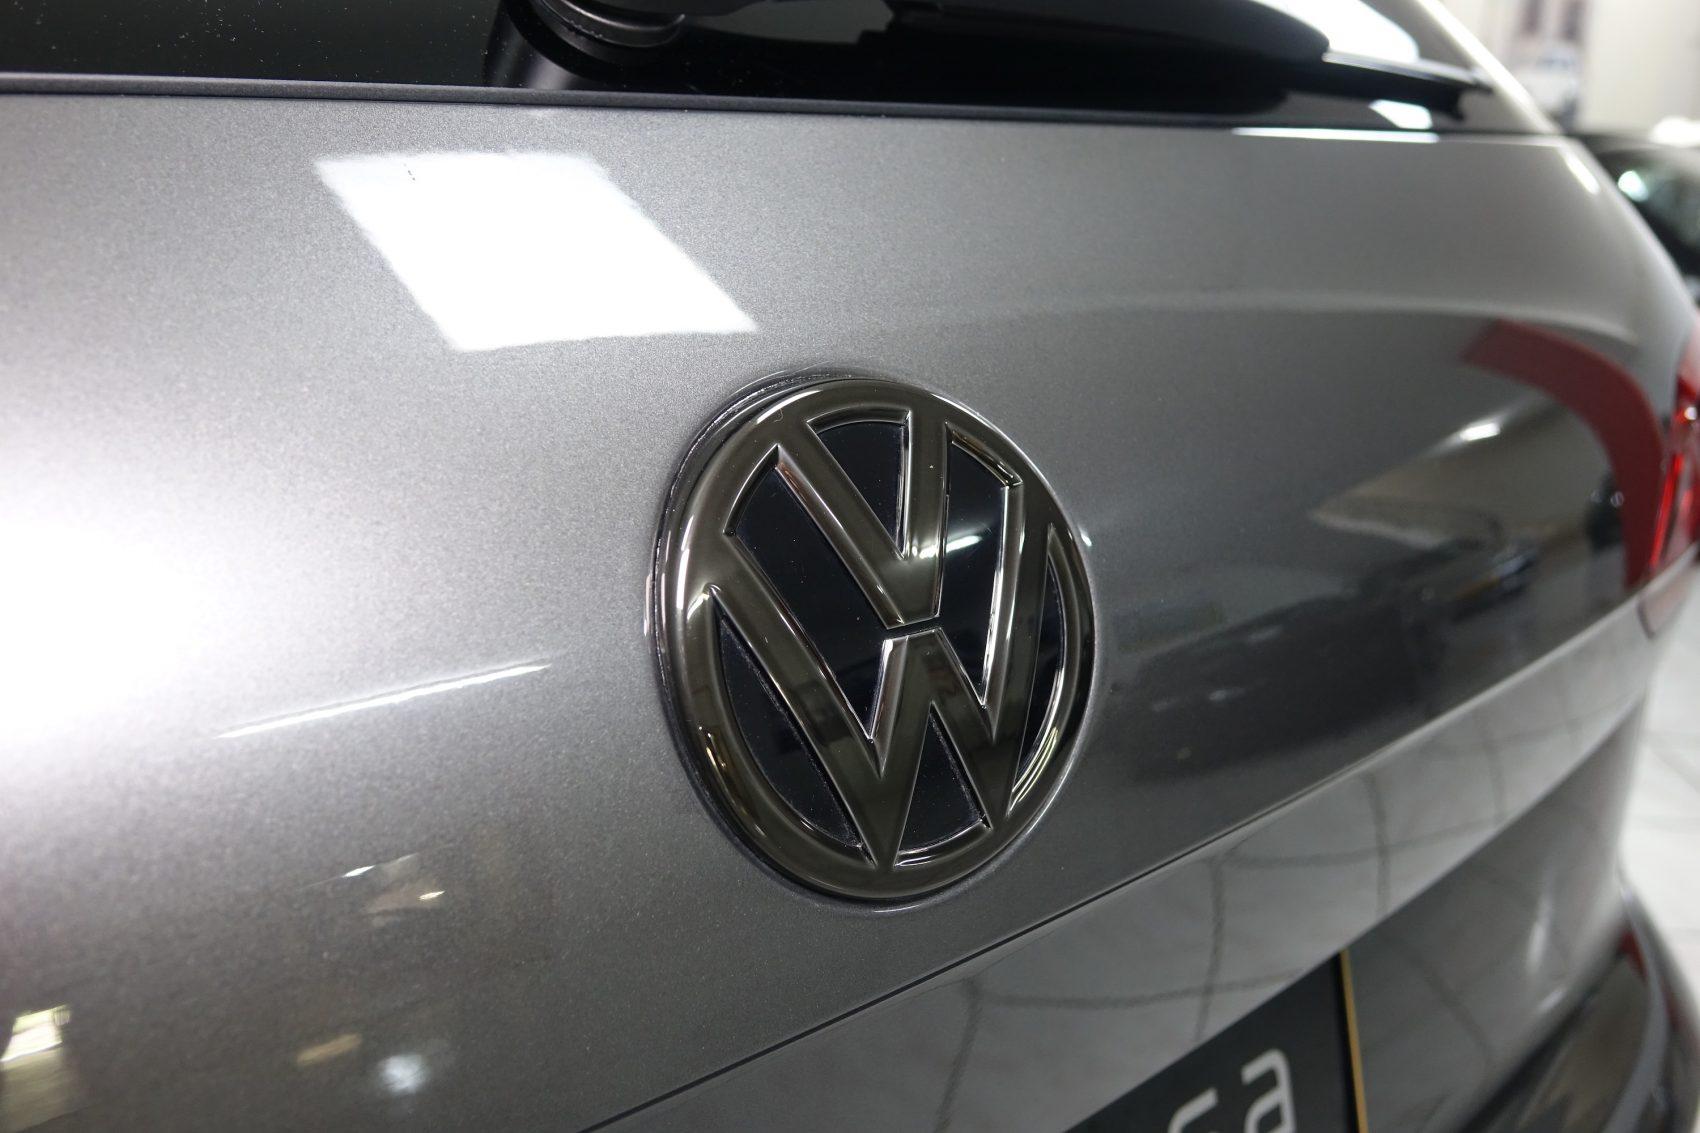 VW - TOUAREG R-LINE 4MOTION ABT - Assetto Corsa